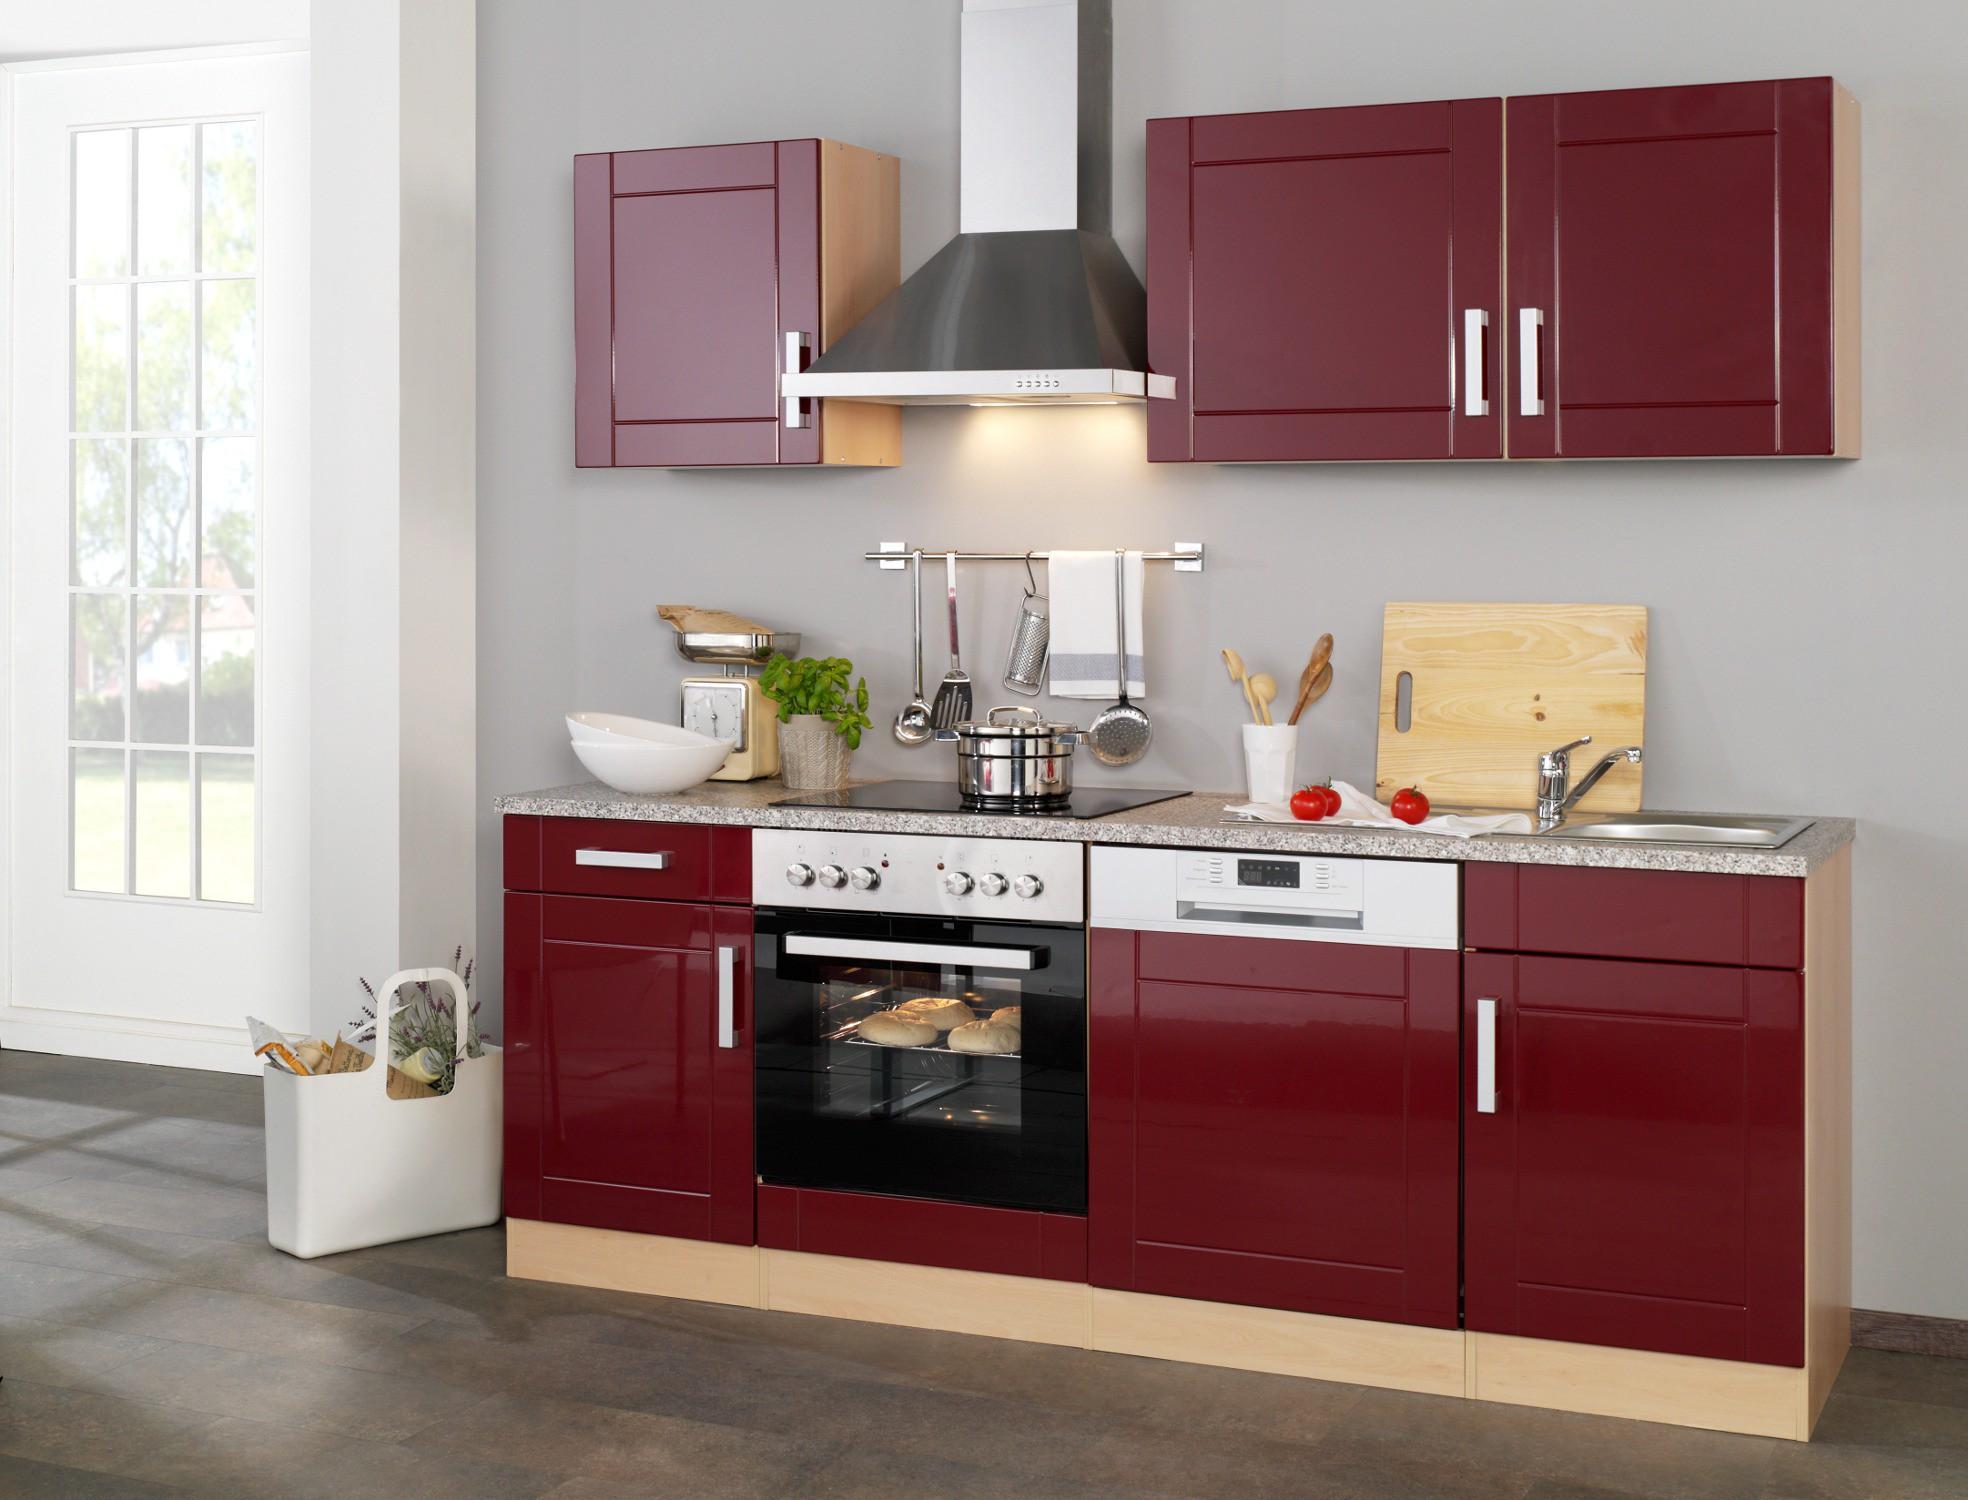 Full Size of Küche Mit Elektrogeräten Gebraucht Kaufen Küche Mit Elektrogeräten Unter 500 Euro Küche Mit Freistehenden Elektrogeräten Küche Mit Elektrogeräten Und Einbau Küche Eckküche Mit Elektrogeräten